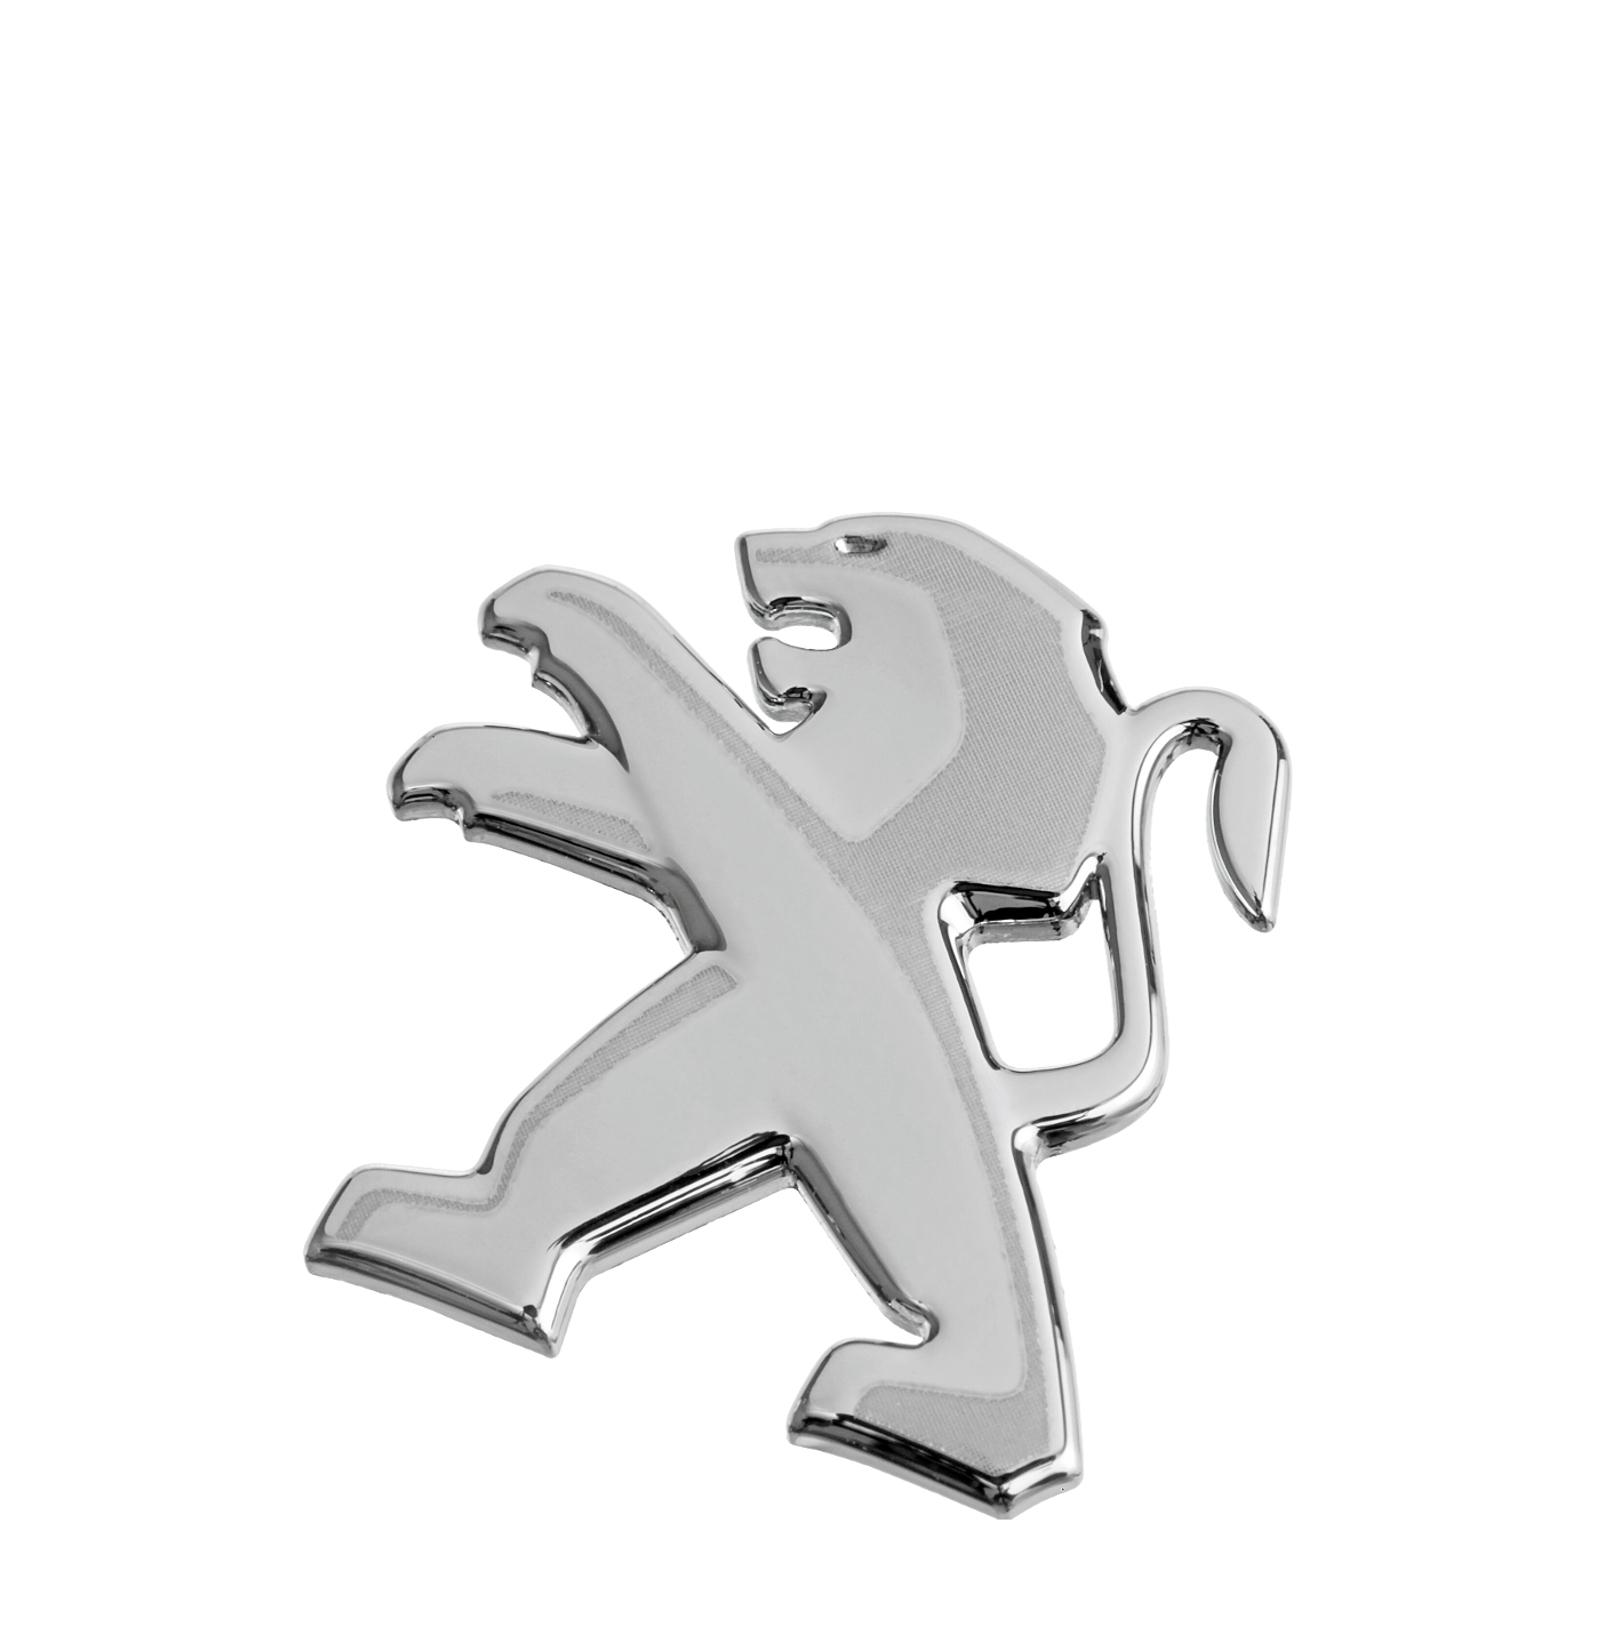 https://hdo-gmbh.com/wp-content/uploads/HDO_Automotive_Schluesselkomponenten_Emblem_1600x1635.jpg